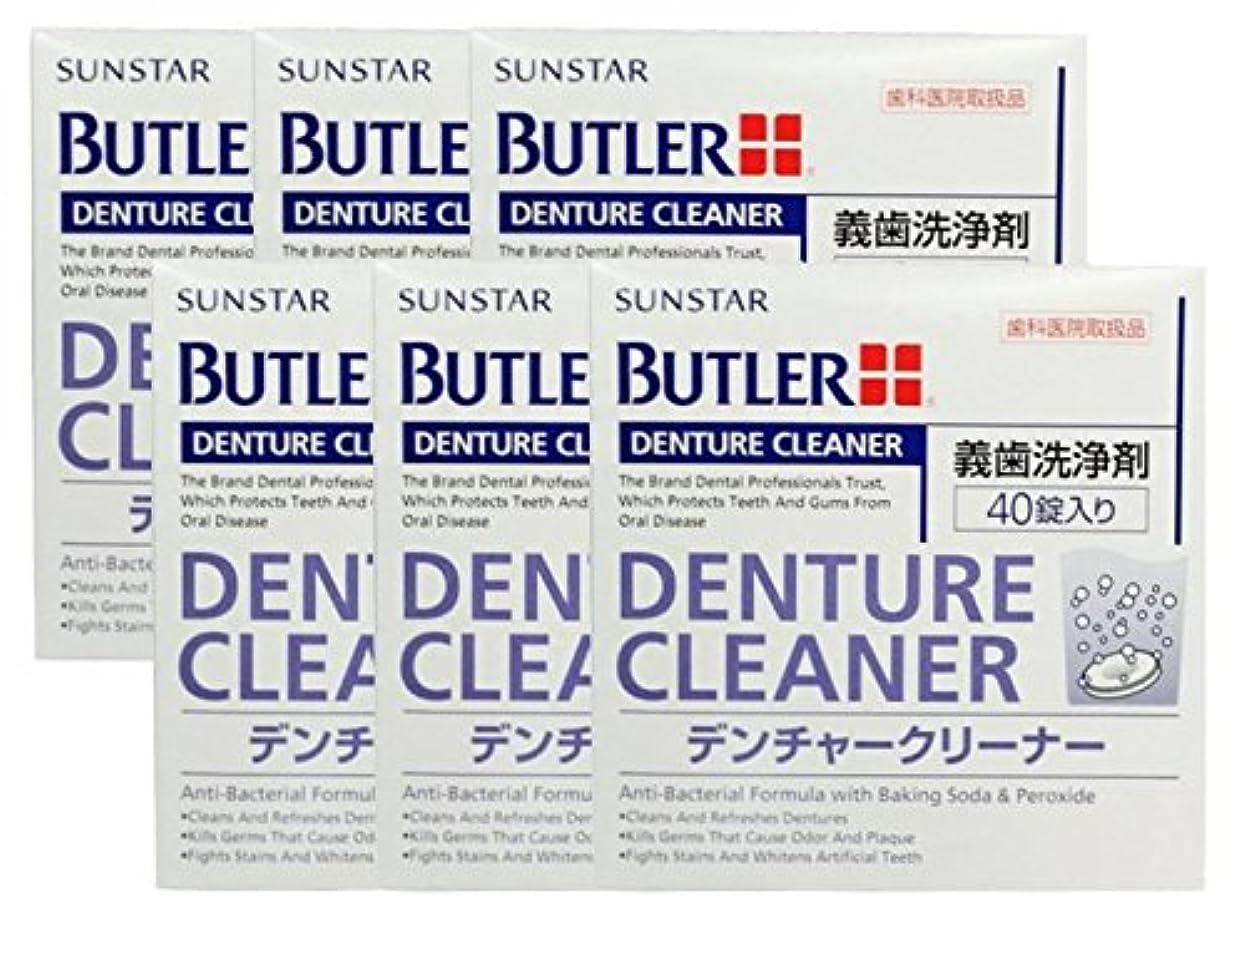 ステーキ読書パッチサンスター/バトラー歯科用バトラー デンチャークリーナー #250P 6箱 義歯洗浄剤 6個入/箱